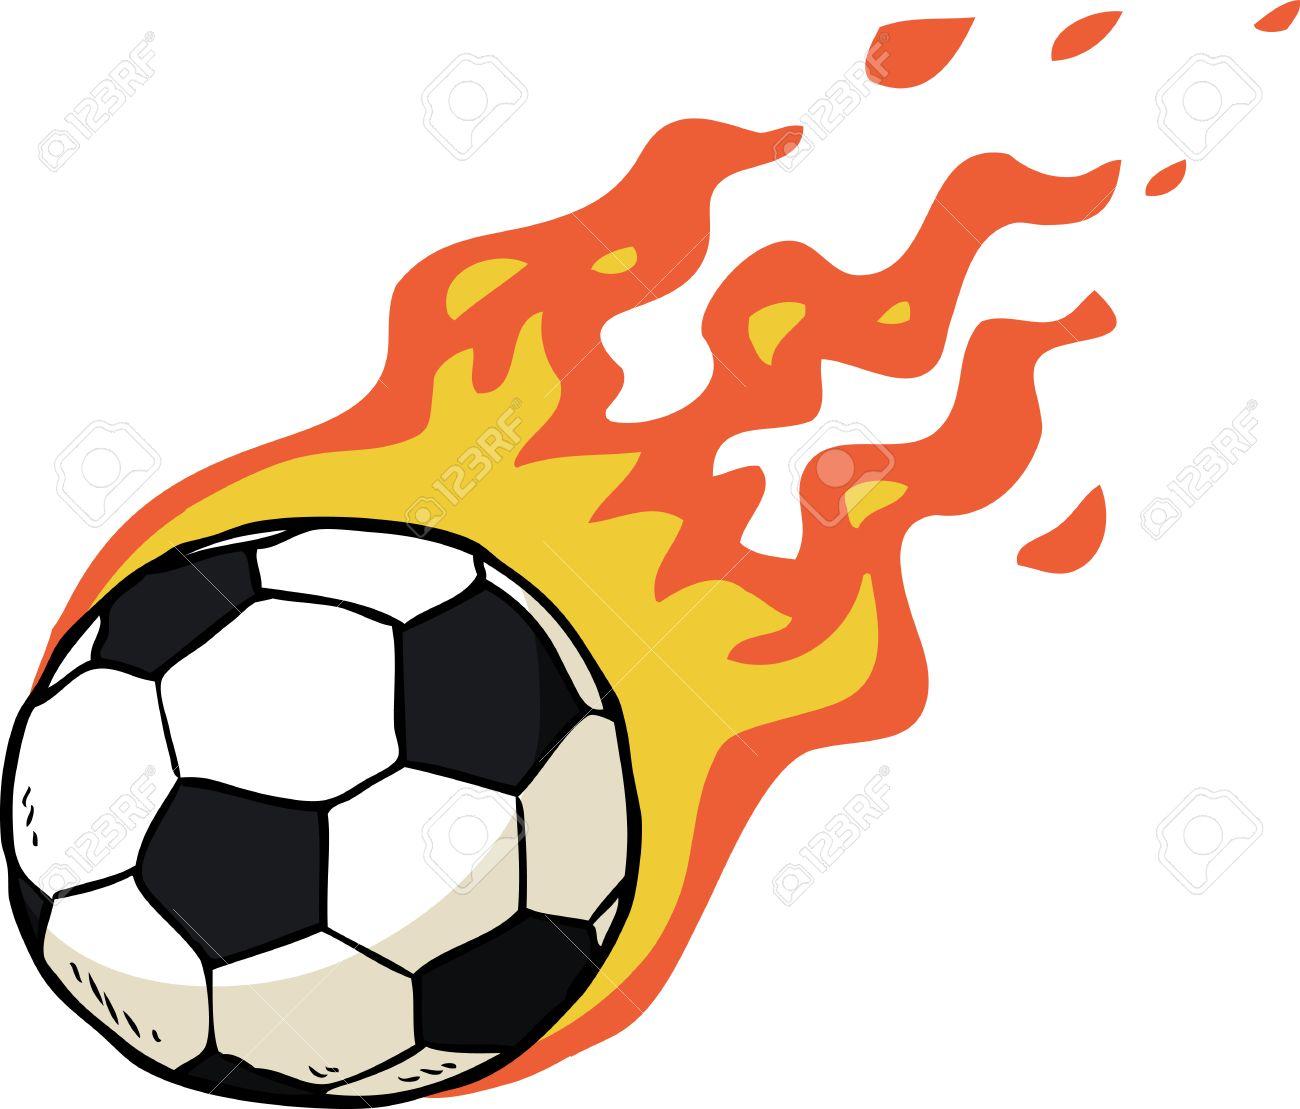 Foto de archivo - Ilustración vectorial dibujo pelota de fútbol fuego de  dibujos animados acd577c4b7960